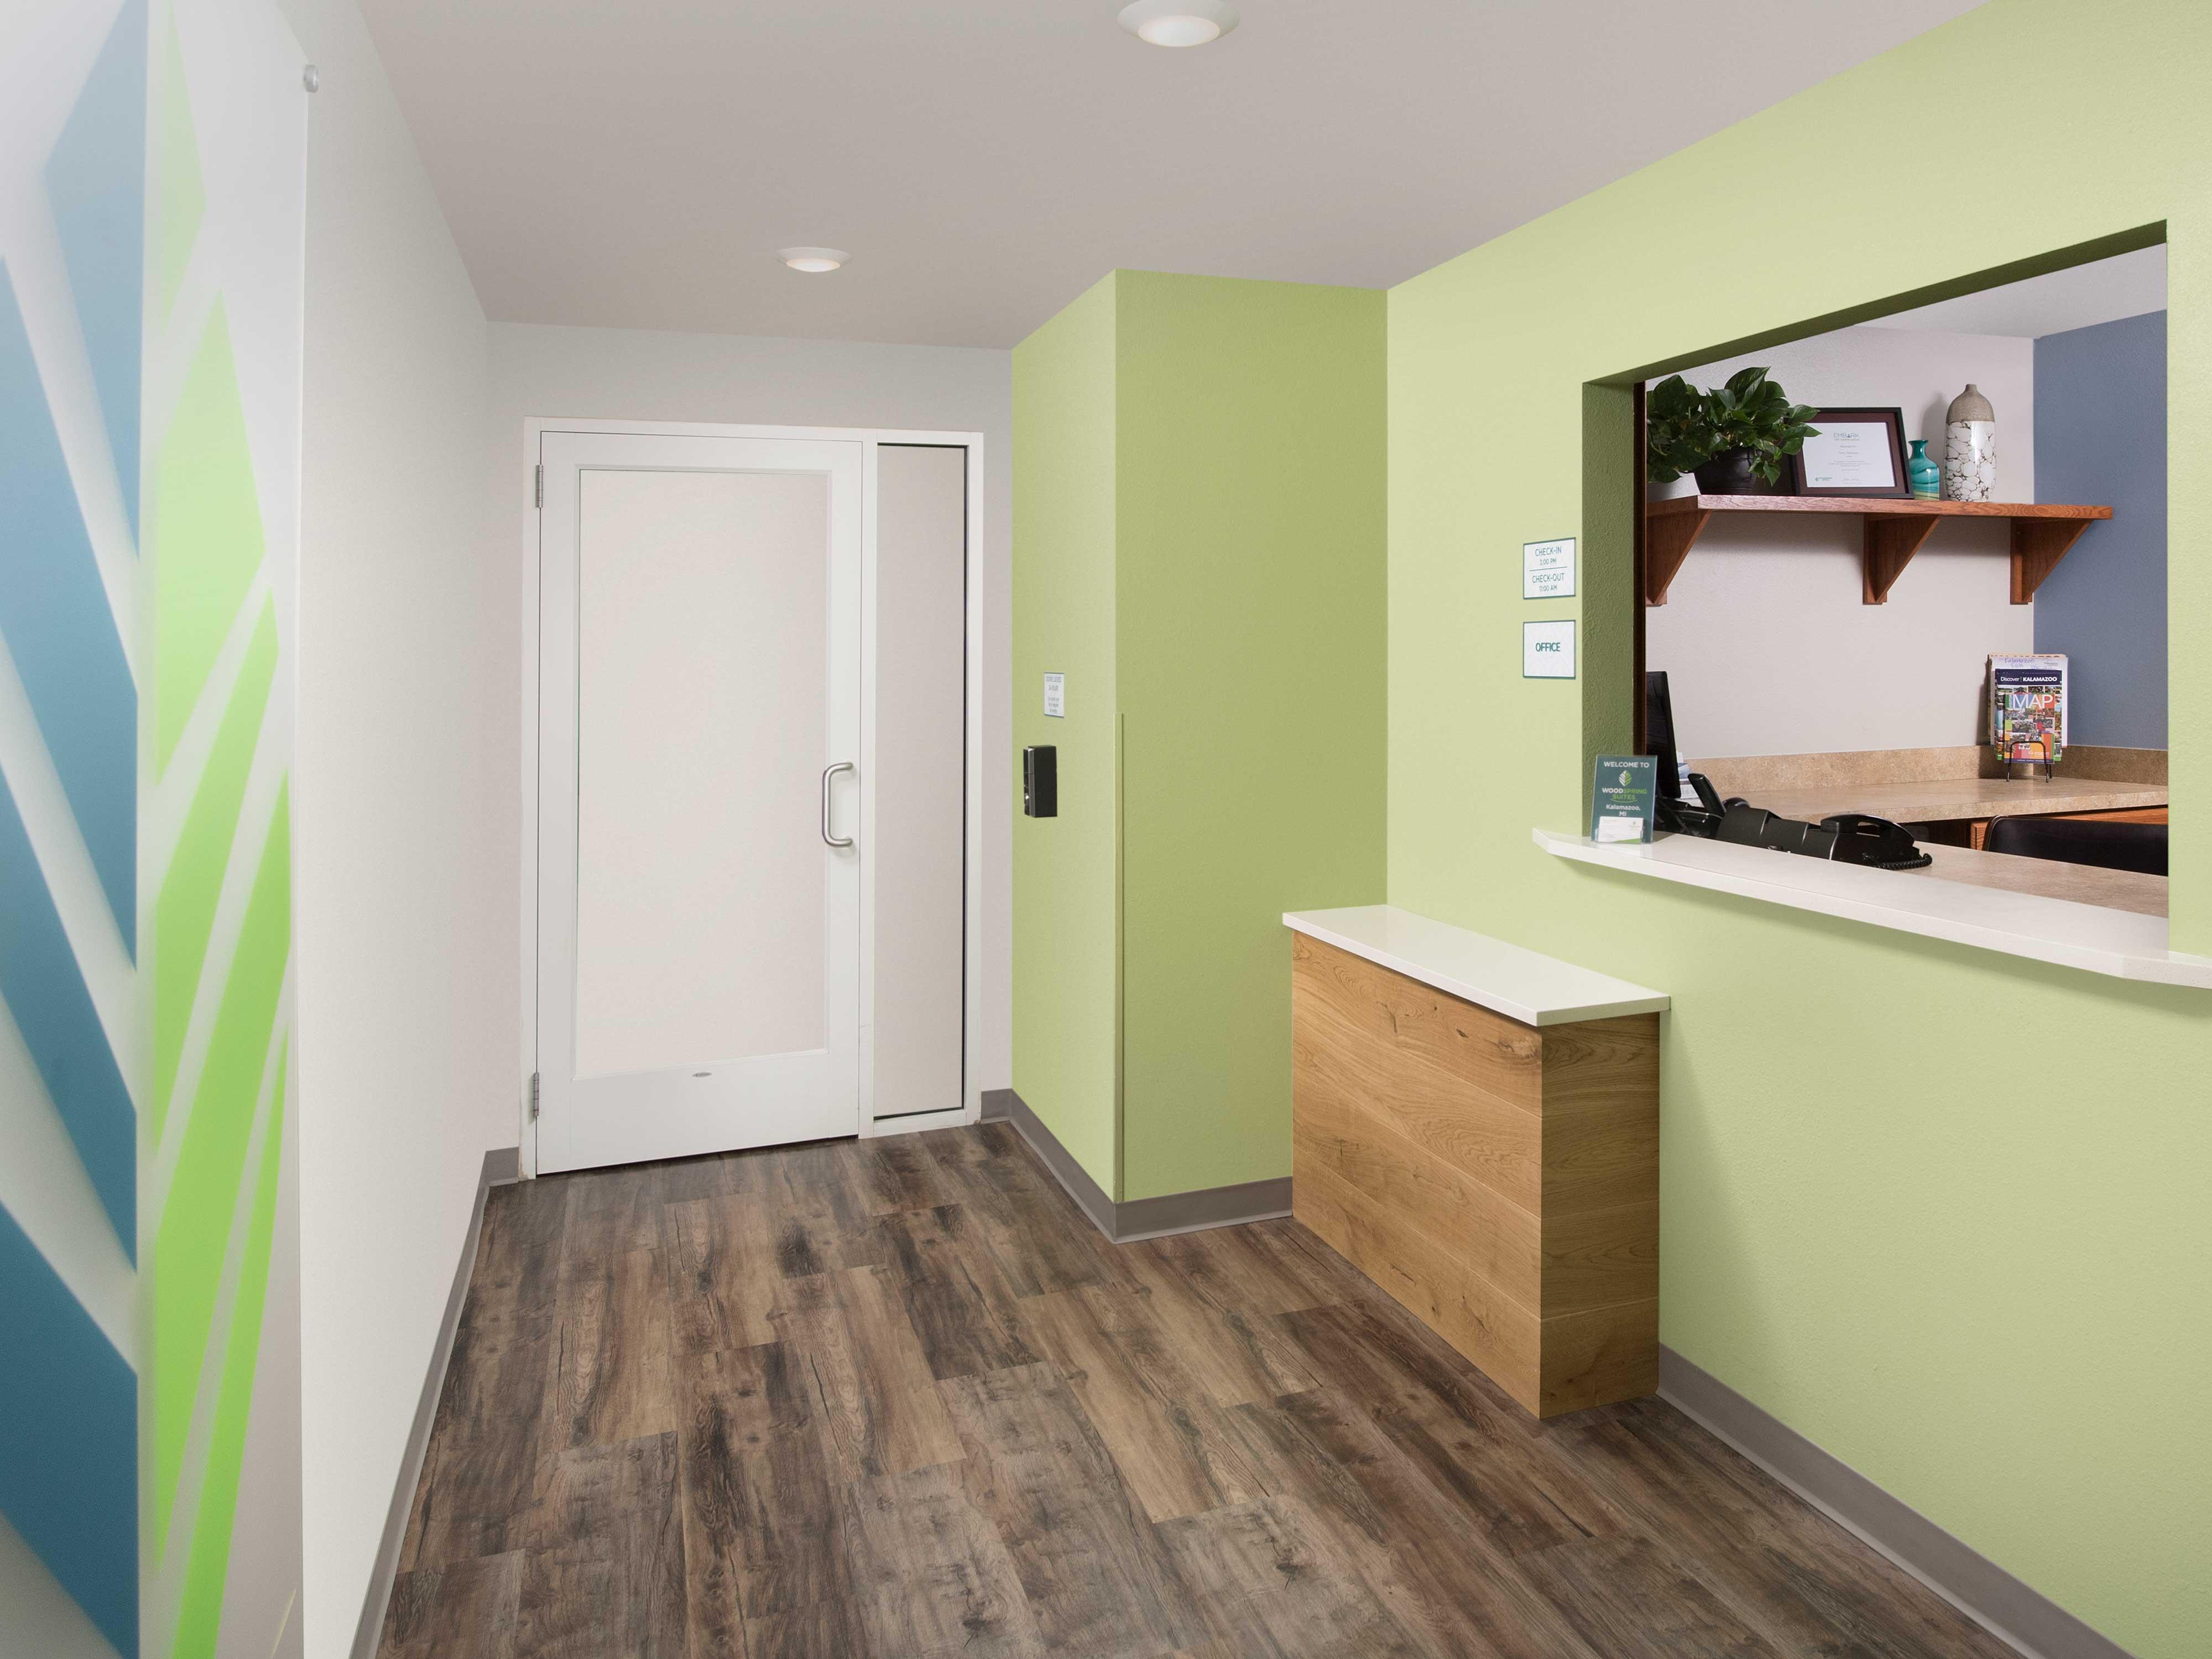 WoodSpring Suites Kalamazoo image 6